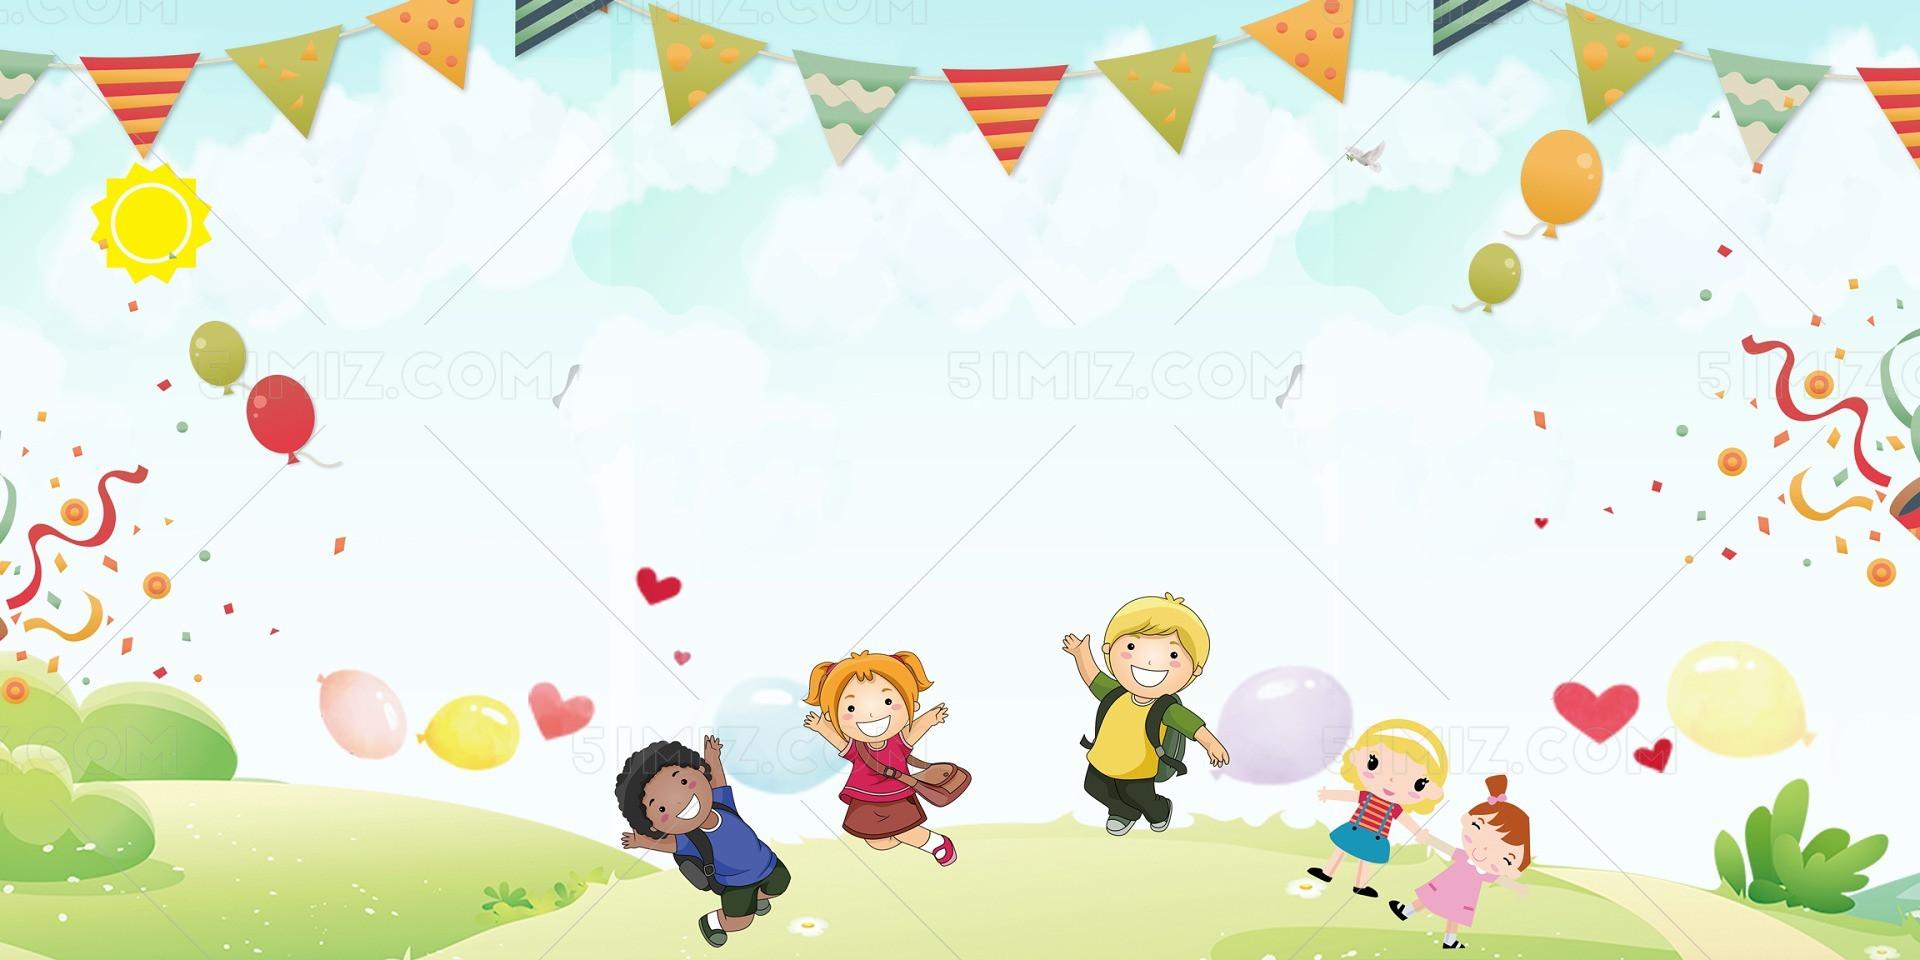 卡通水彩手绘开学季背景